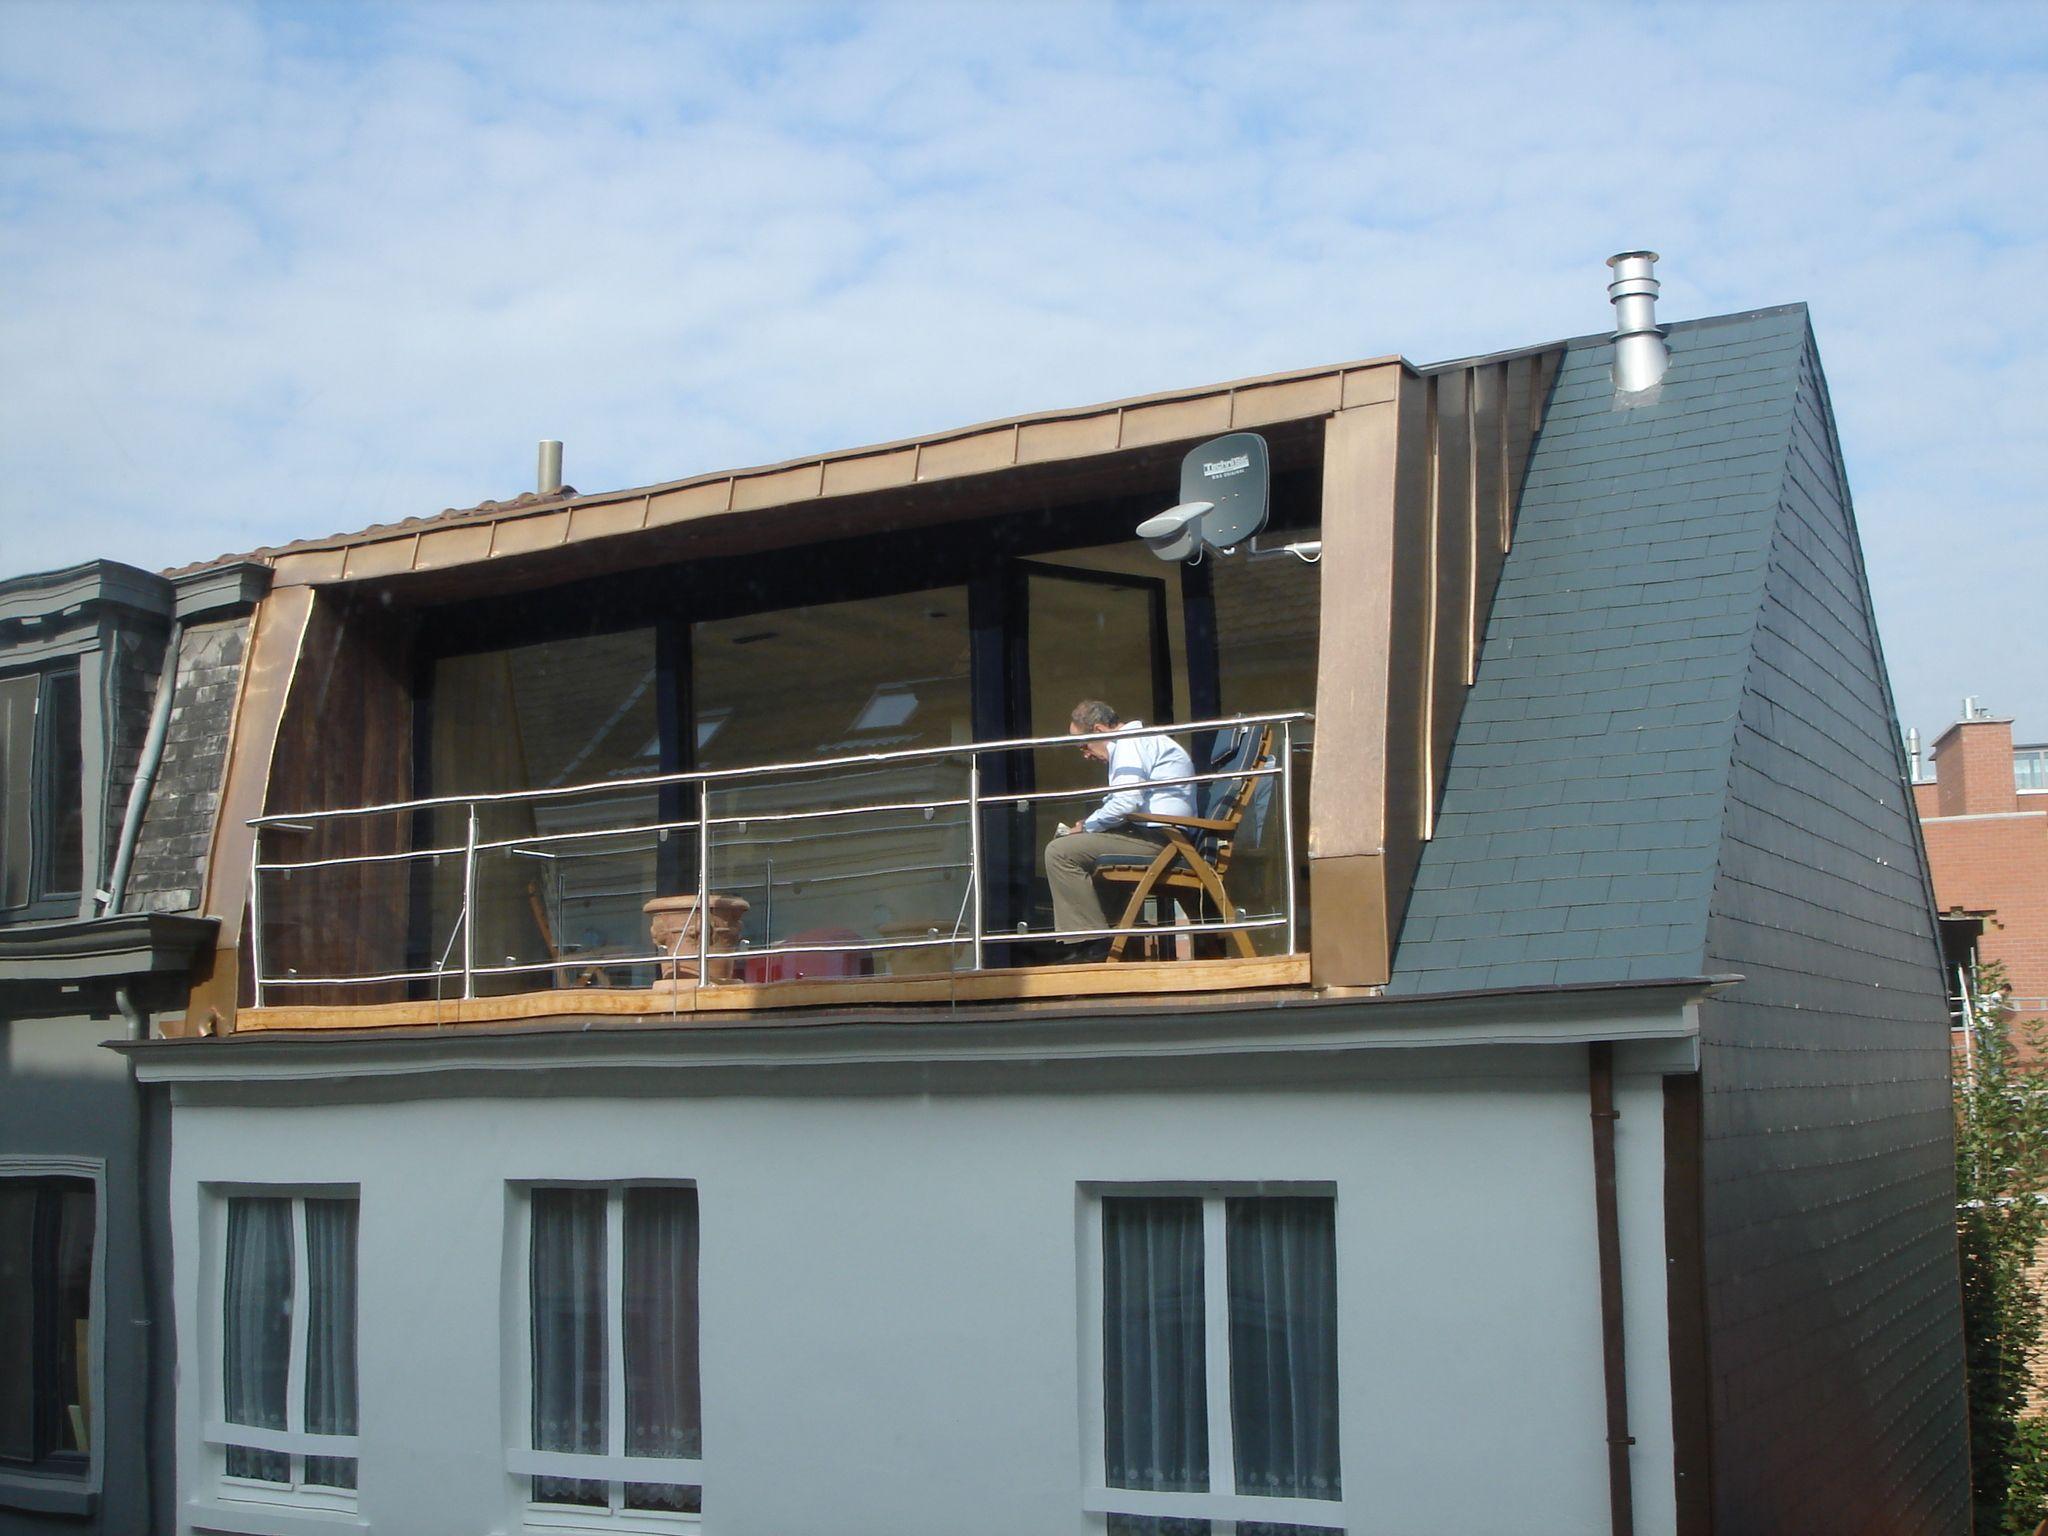 Rijhuis dakterras google zoeken ventanas techo pinterest